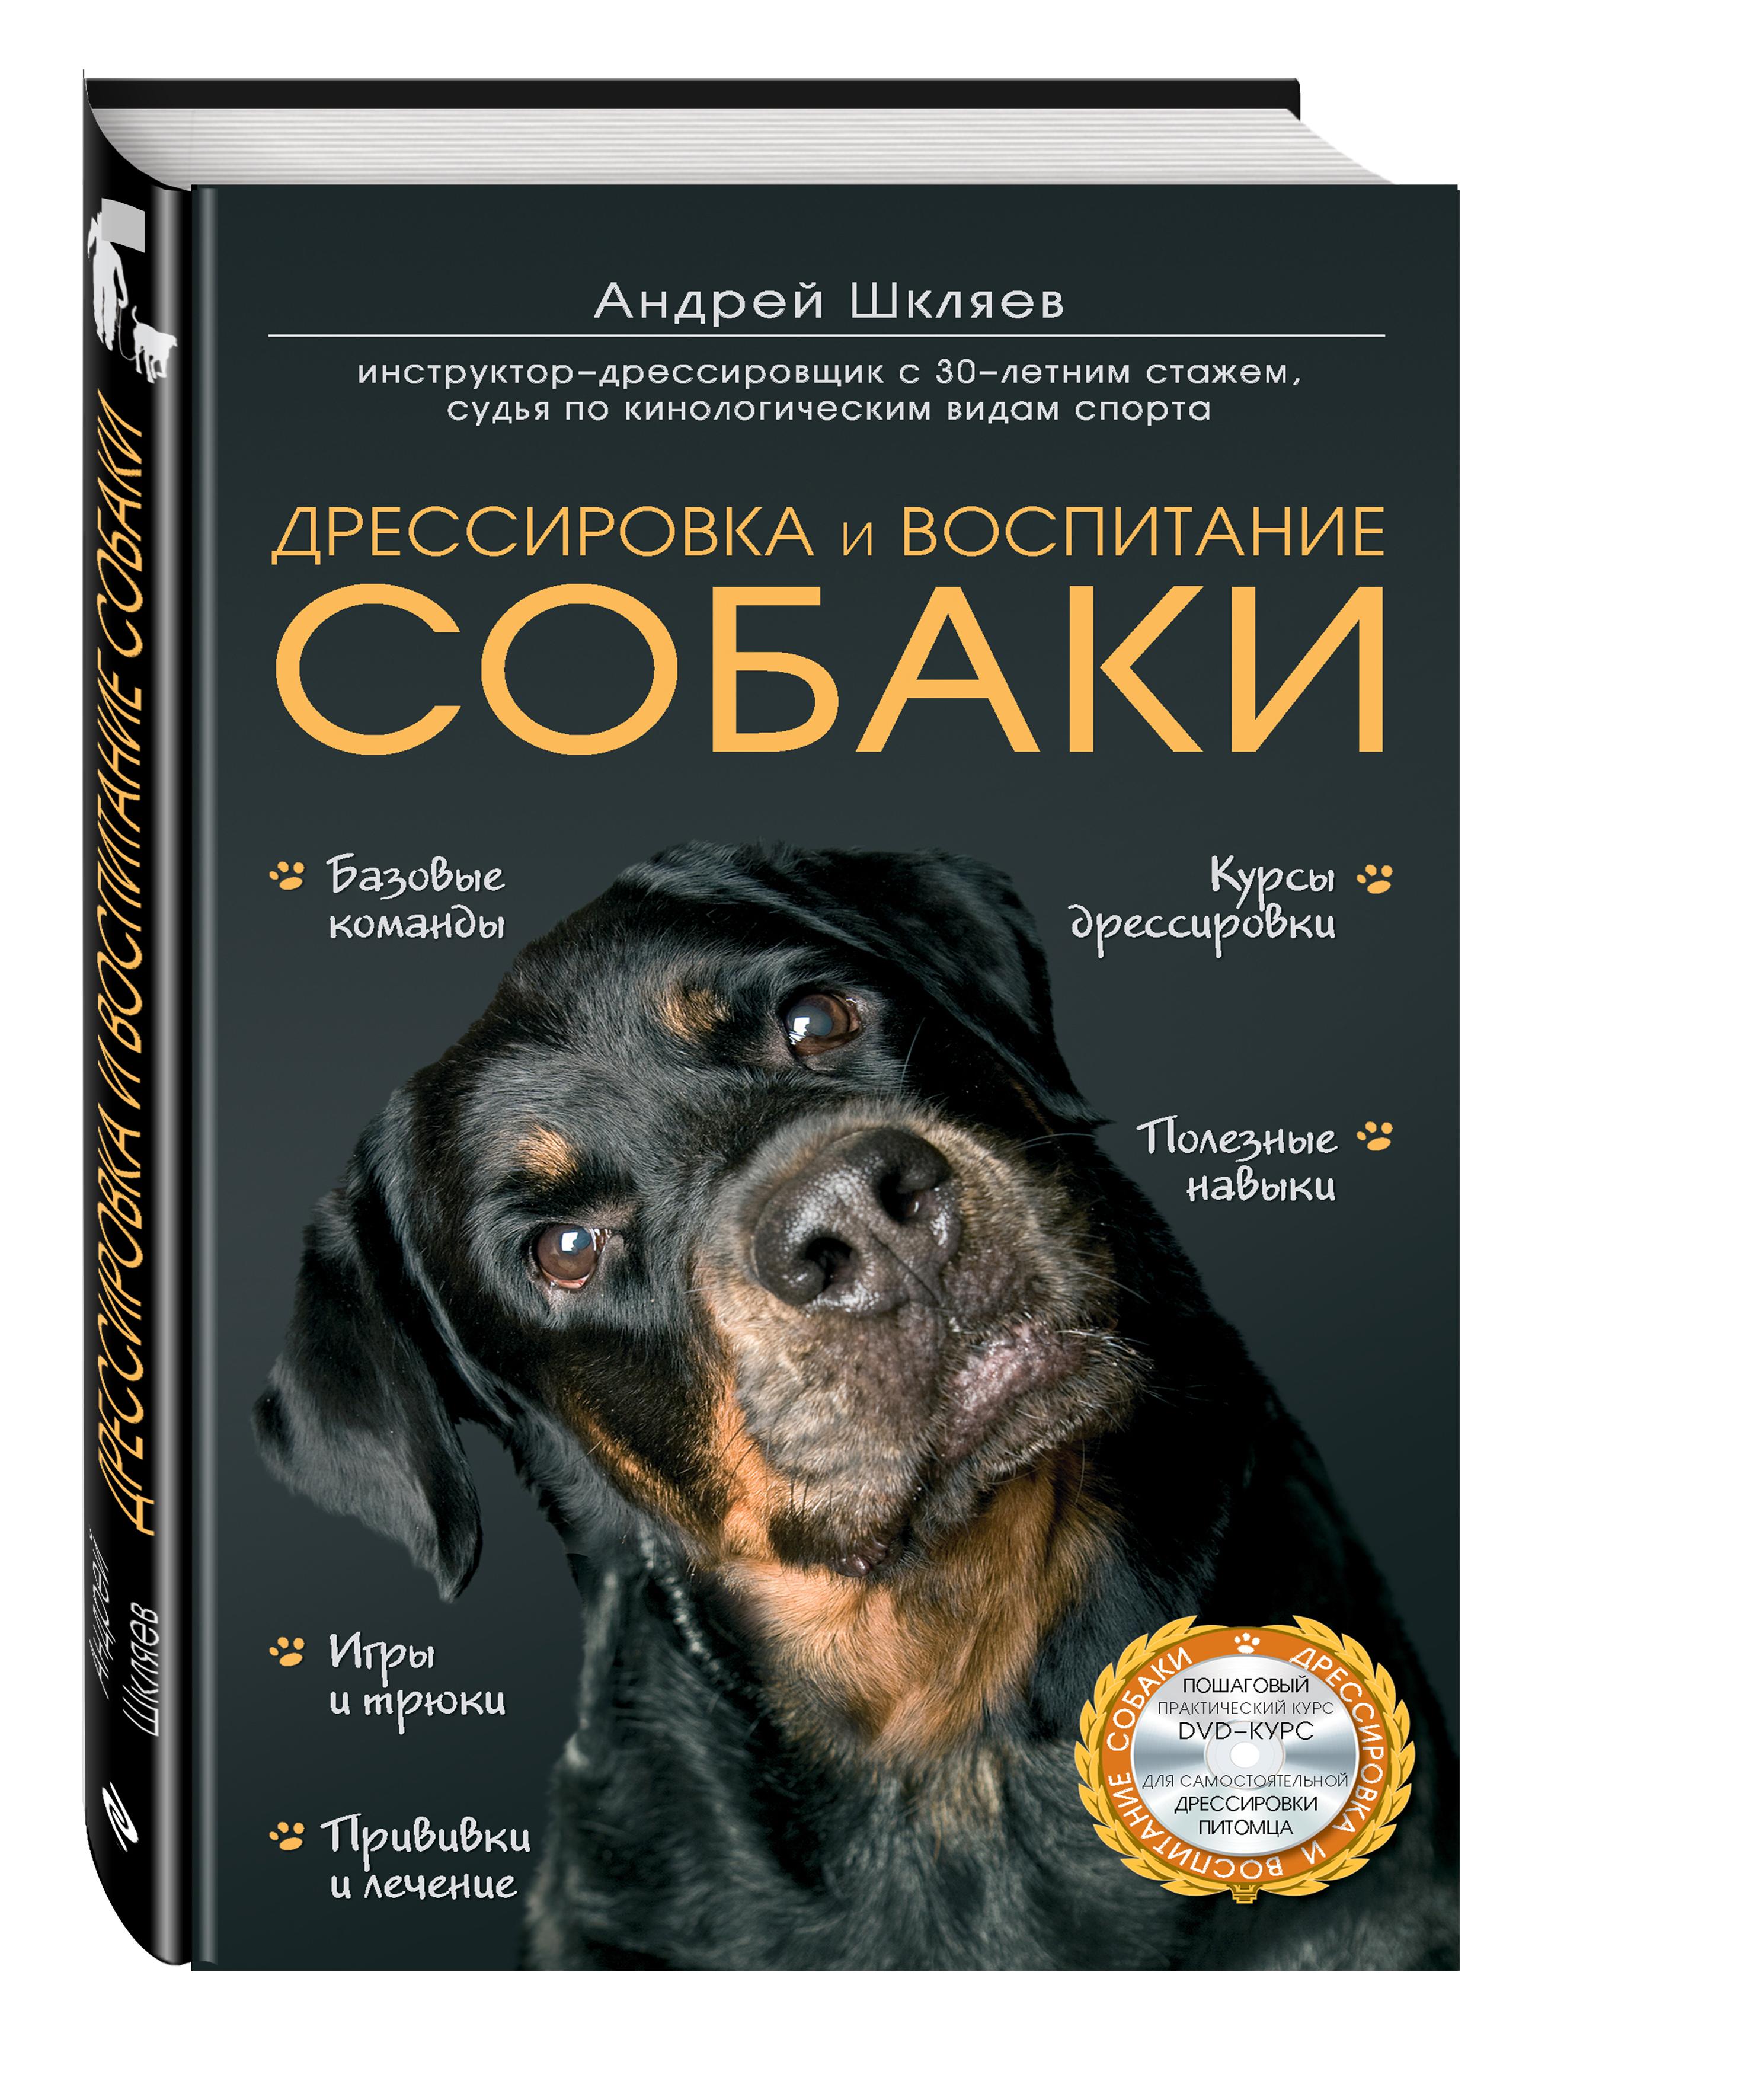 Дрессировка и воспитание собаки (+DVD) ( Шкляев А.Н.  )